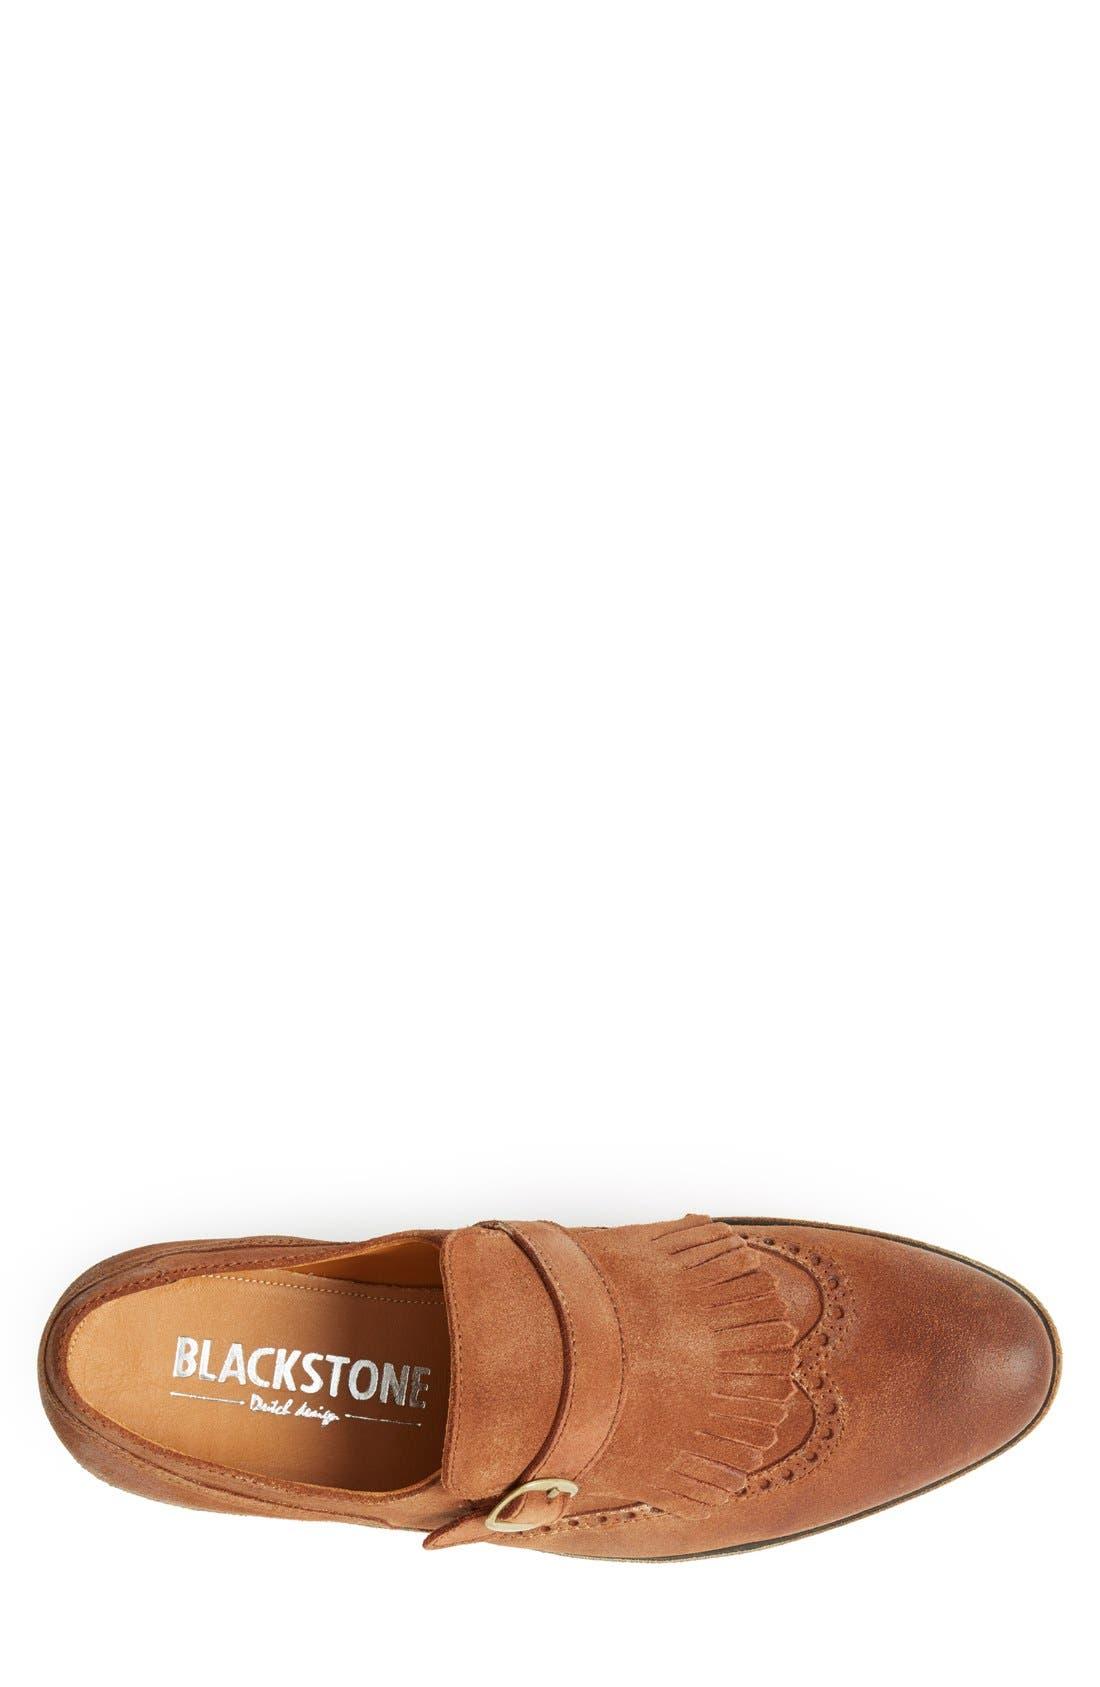 Alternate Image 3  - Blackstone 'DM 09' Slip-On (Men)